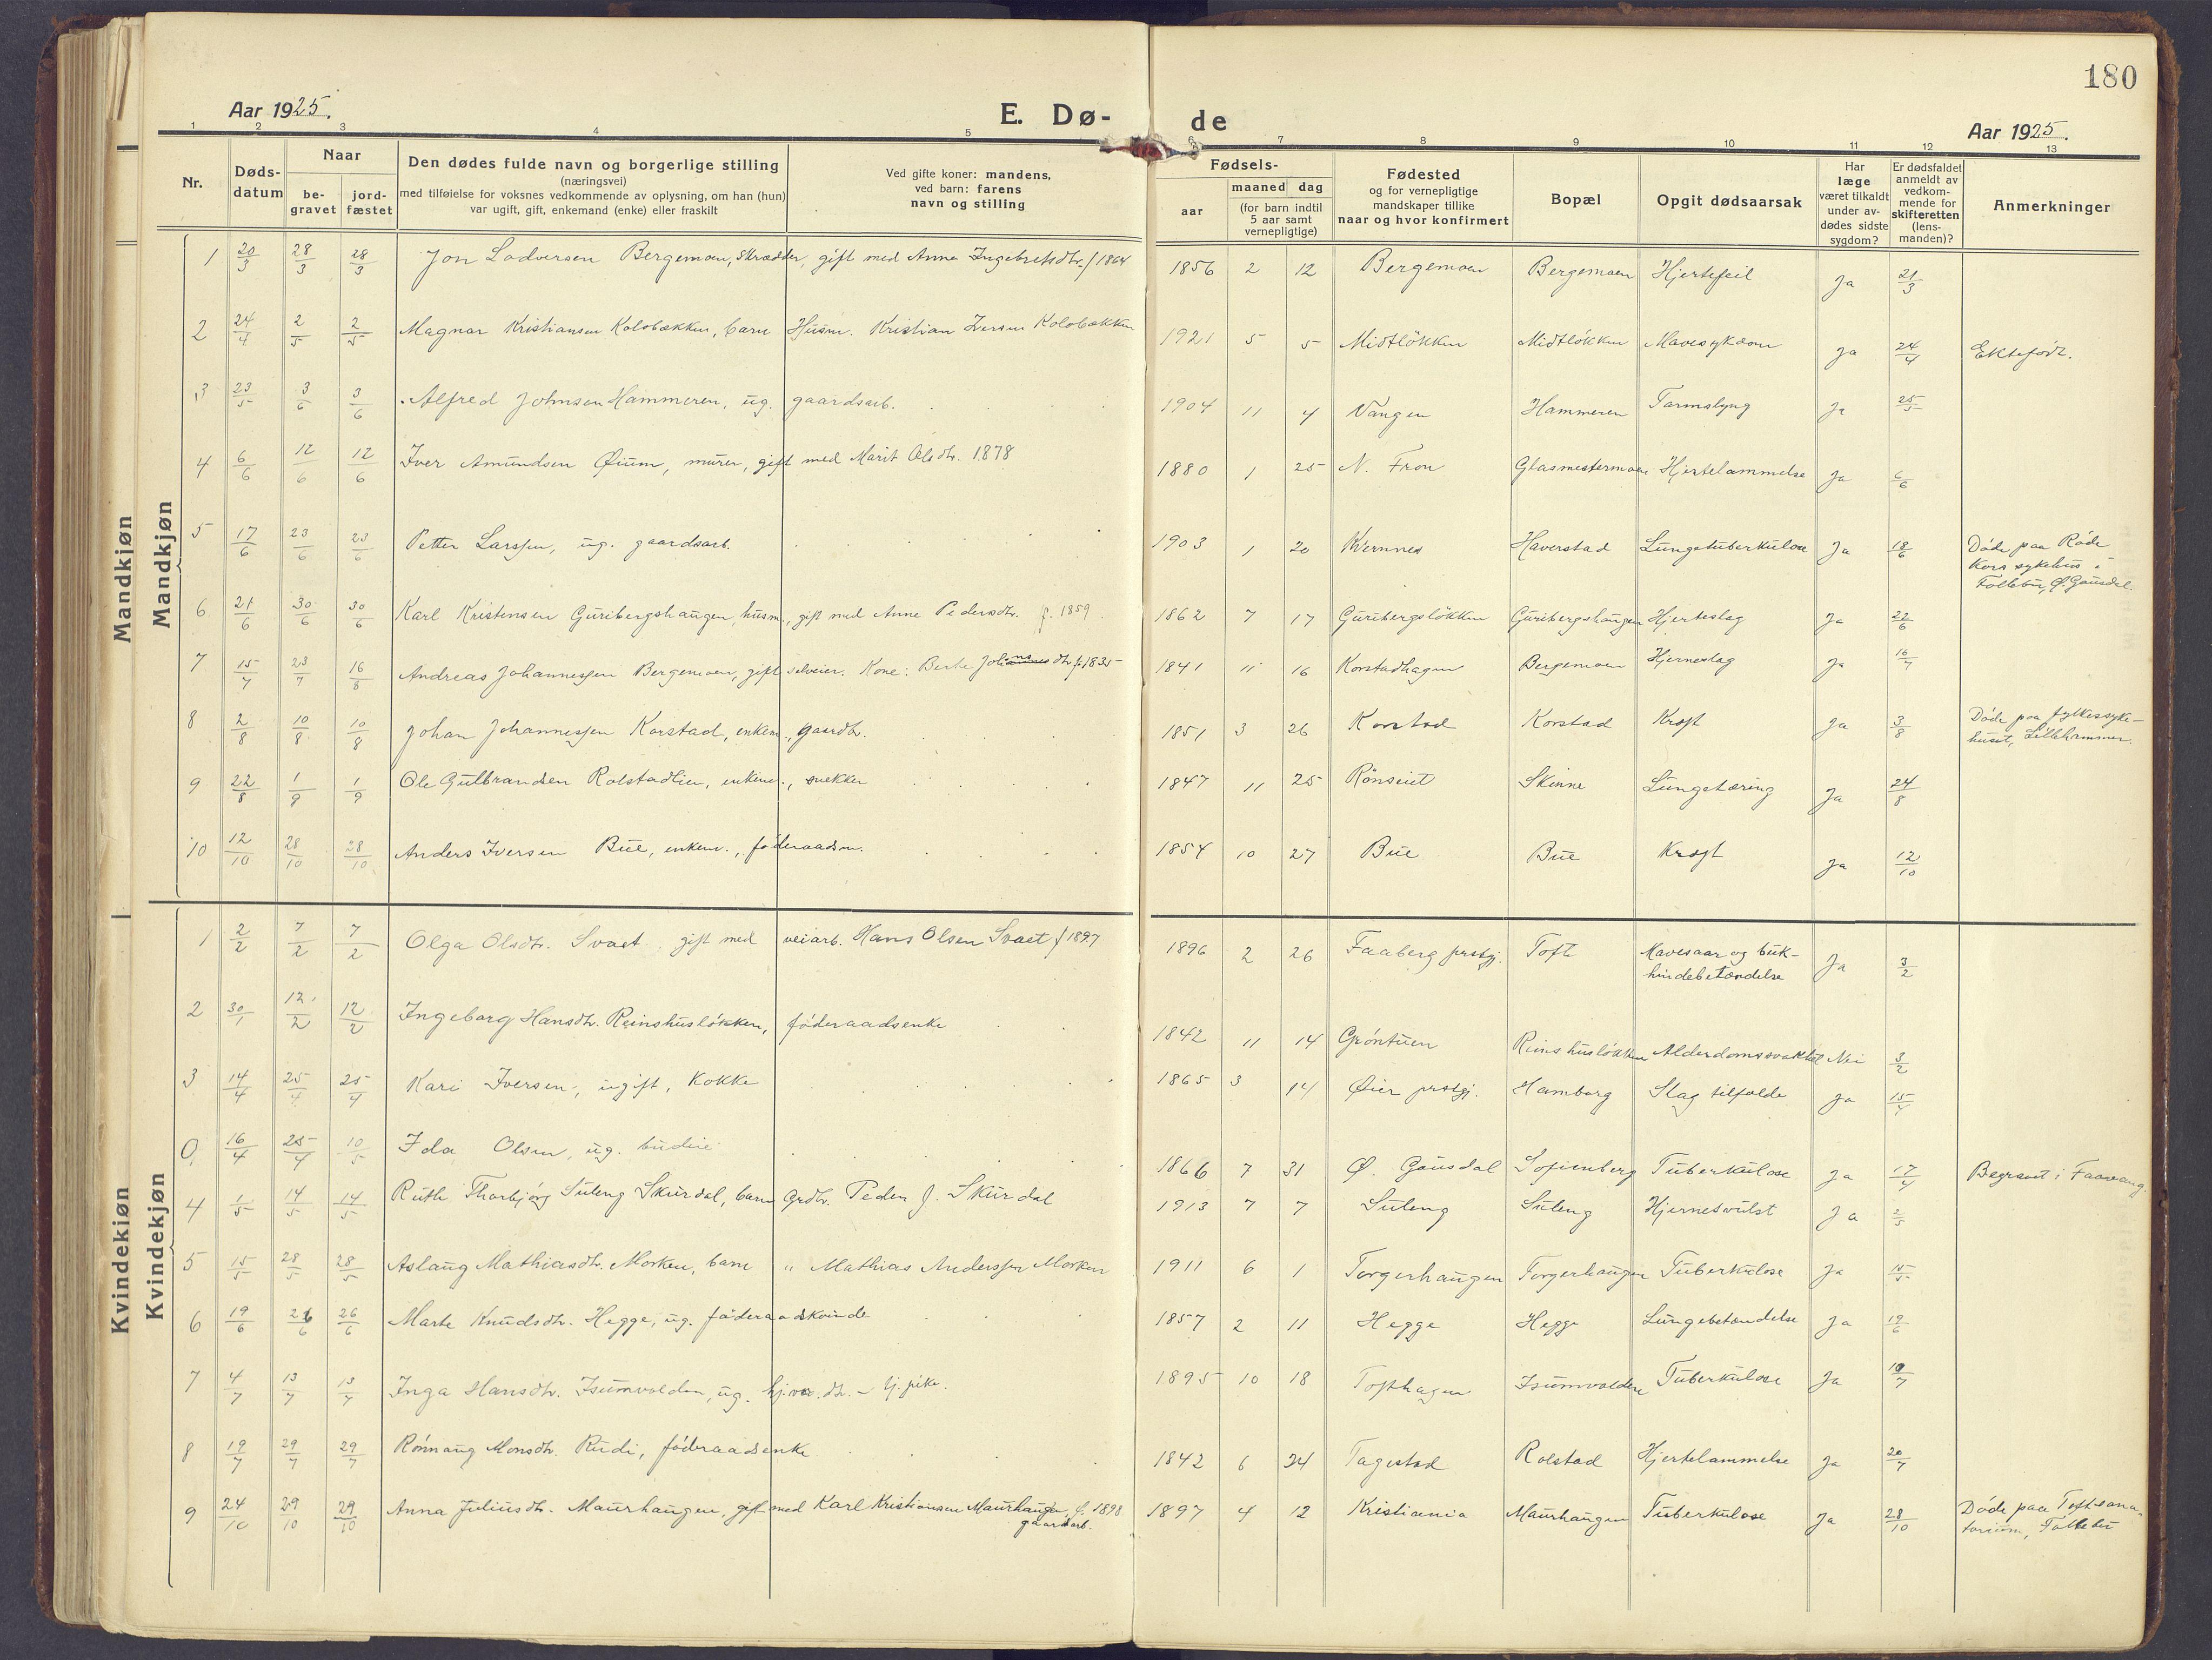 SAH, Sør-Fron prestekontor, H/Ha/Haa/L0005: Parish register (official) no. 5, 1920-1933, p. 180